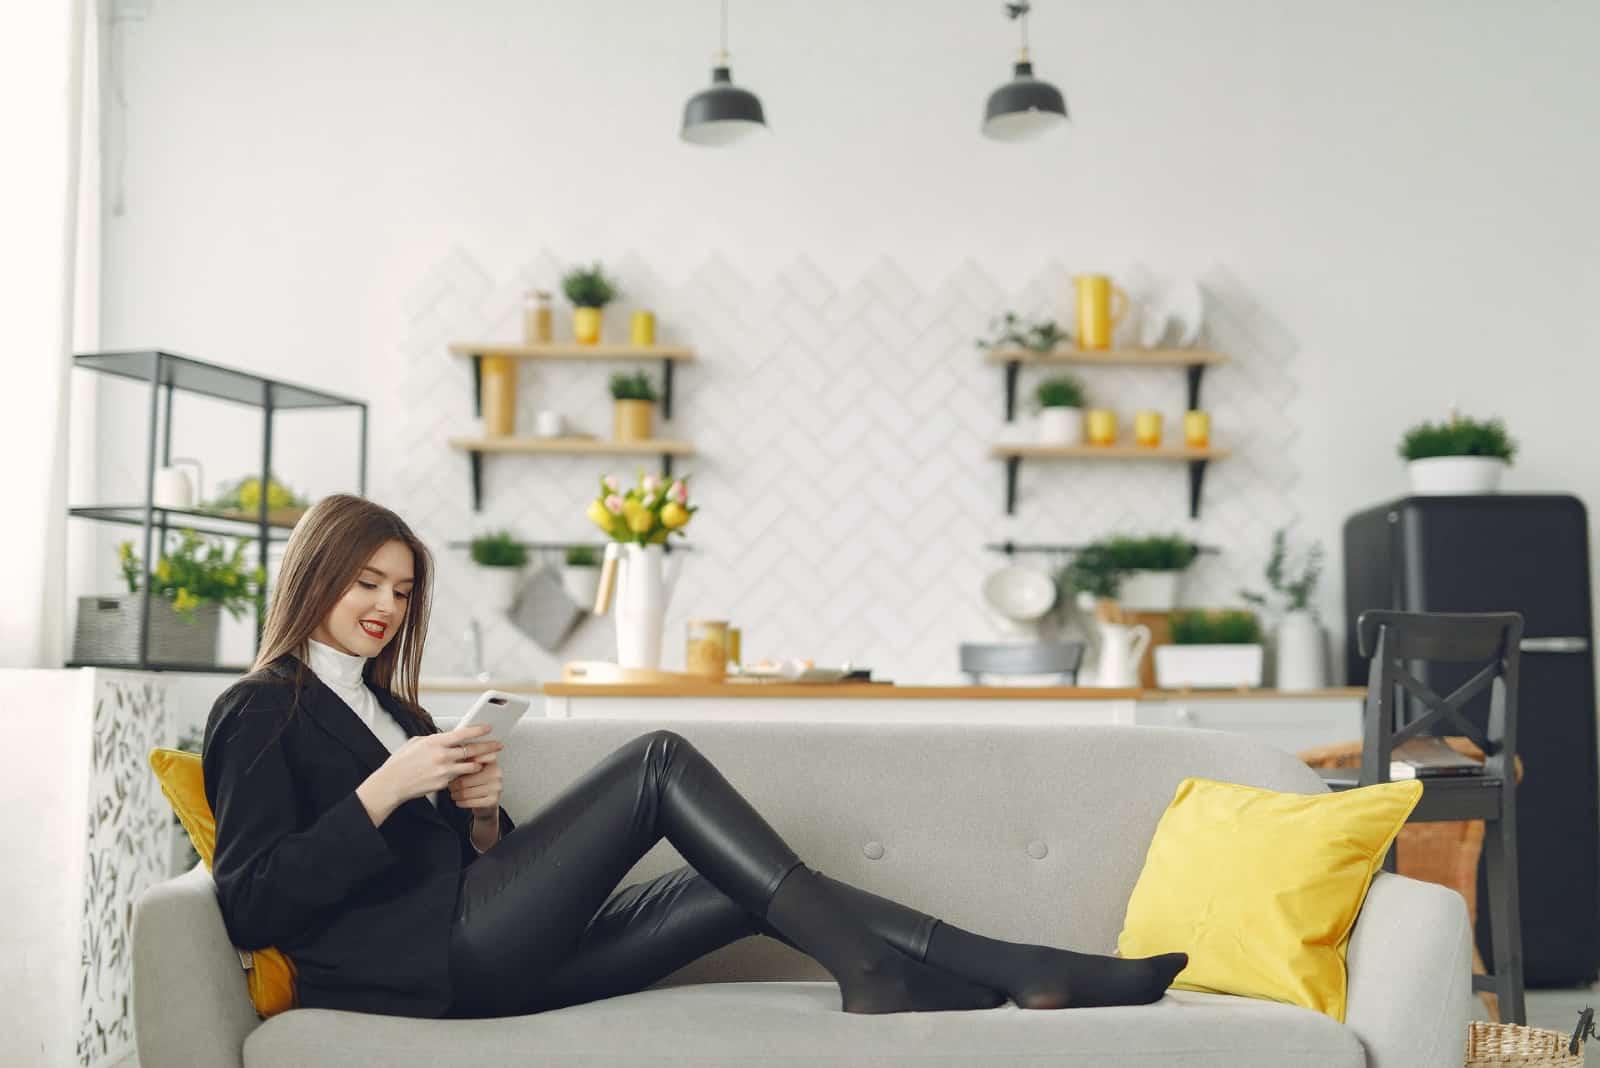 Femme à l'aide de smartphone assis sur un canapé